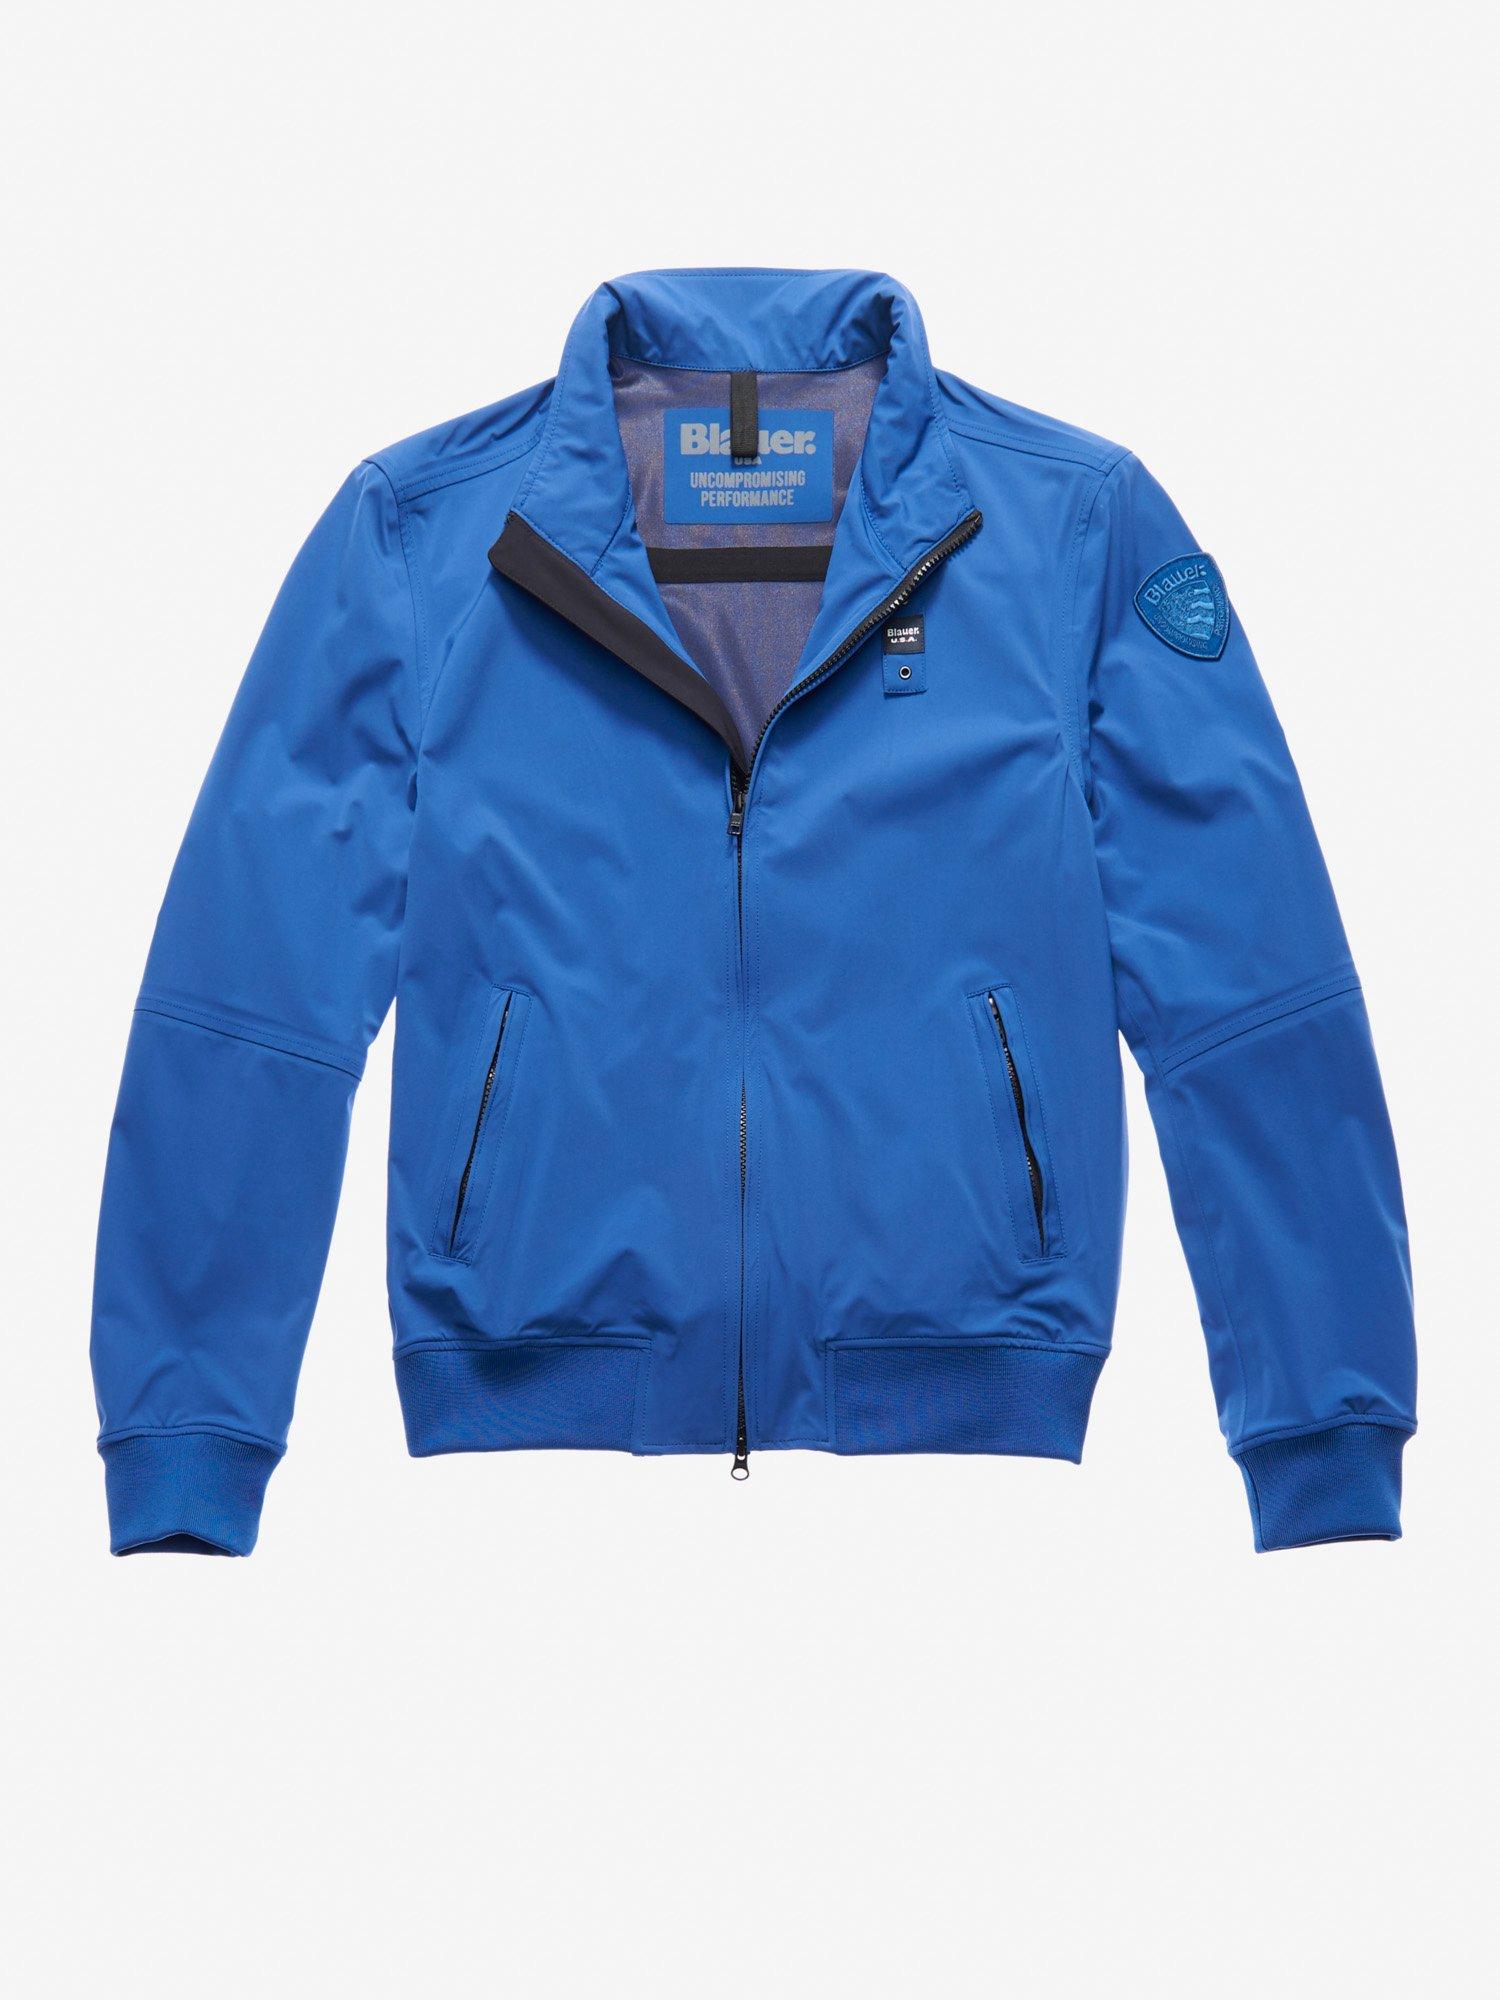 Blauer - MITCHELL NEOPRENE BOMBER-STYLE JACKET - Ultramarine Blue - Blauer